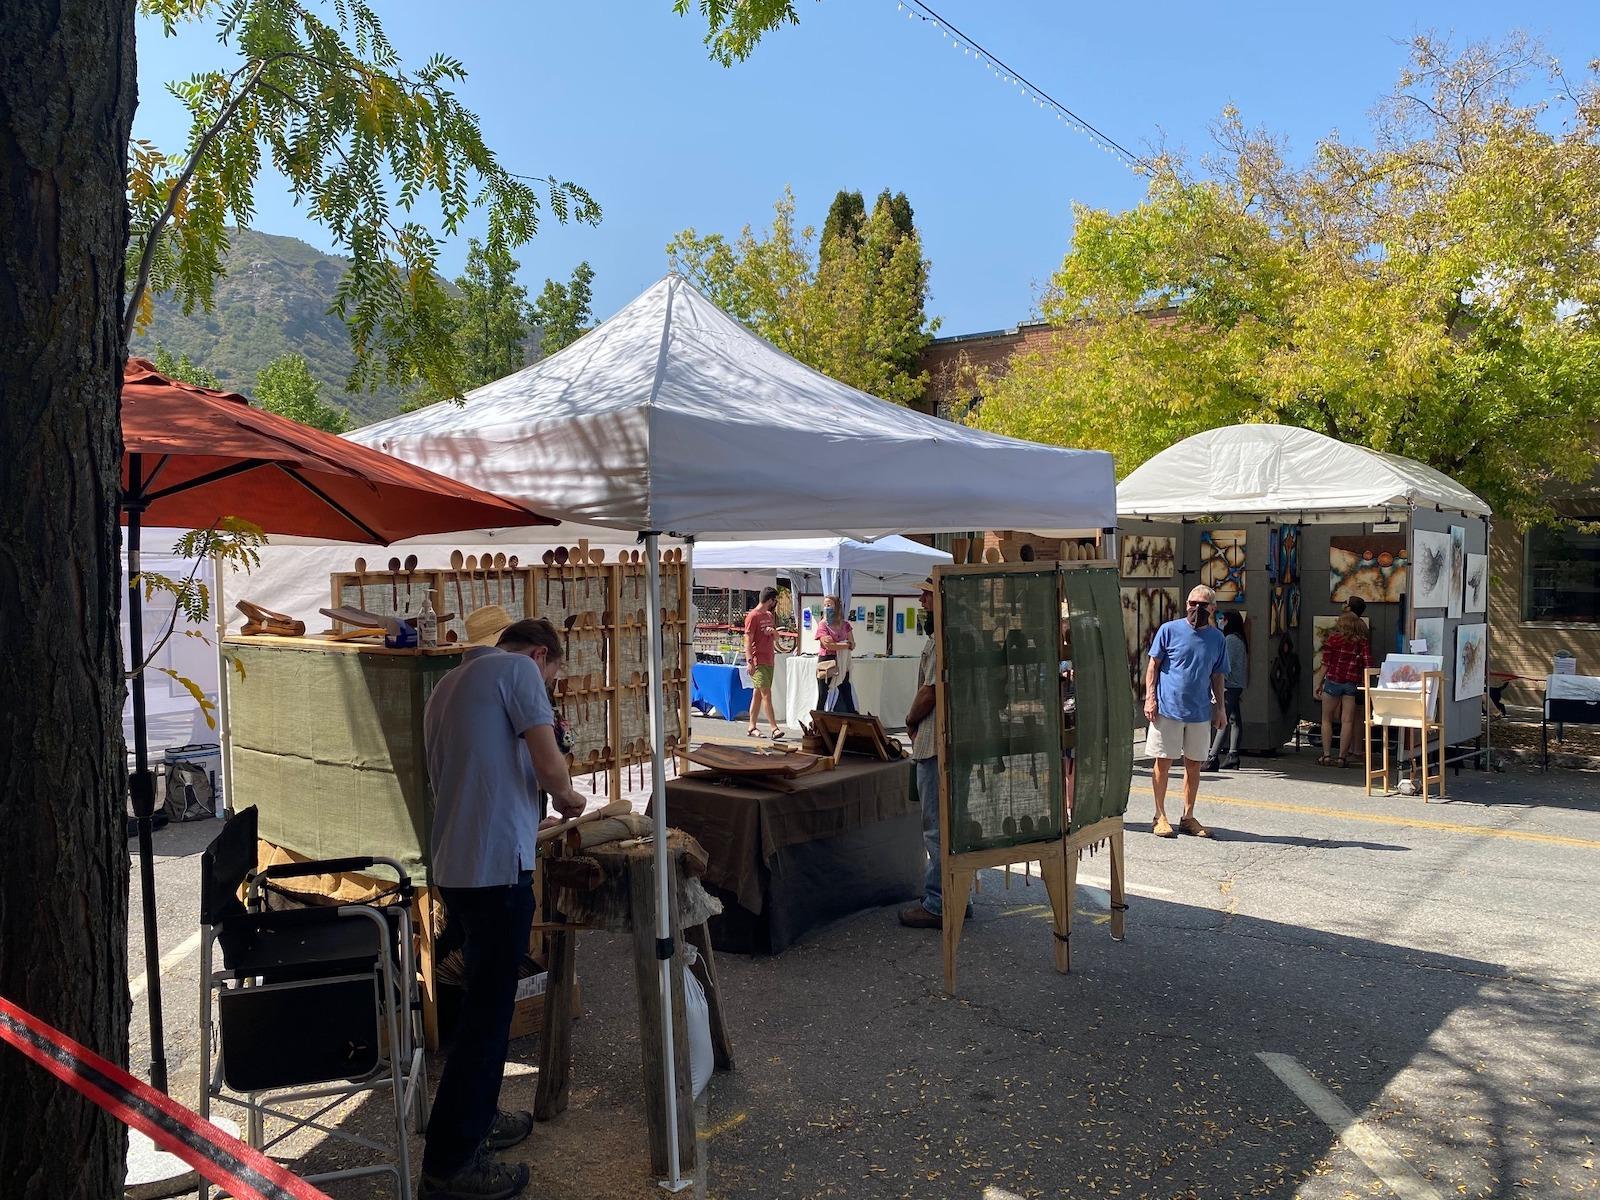 Image of a booth of the Durango Autumn Arts Festival in Durango, Colorado